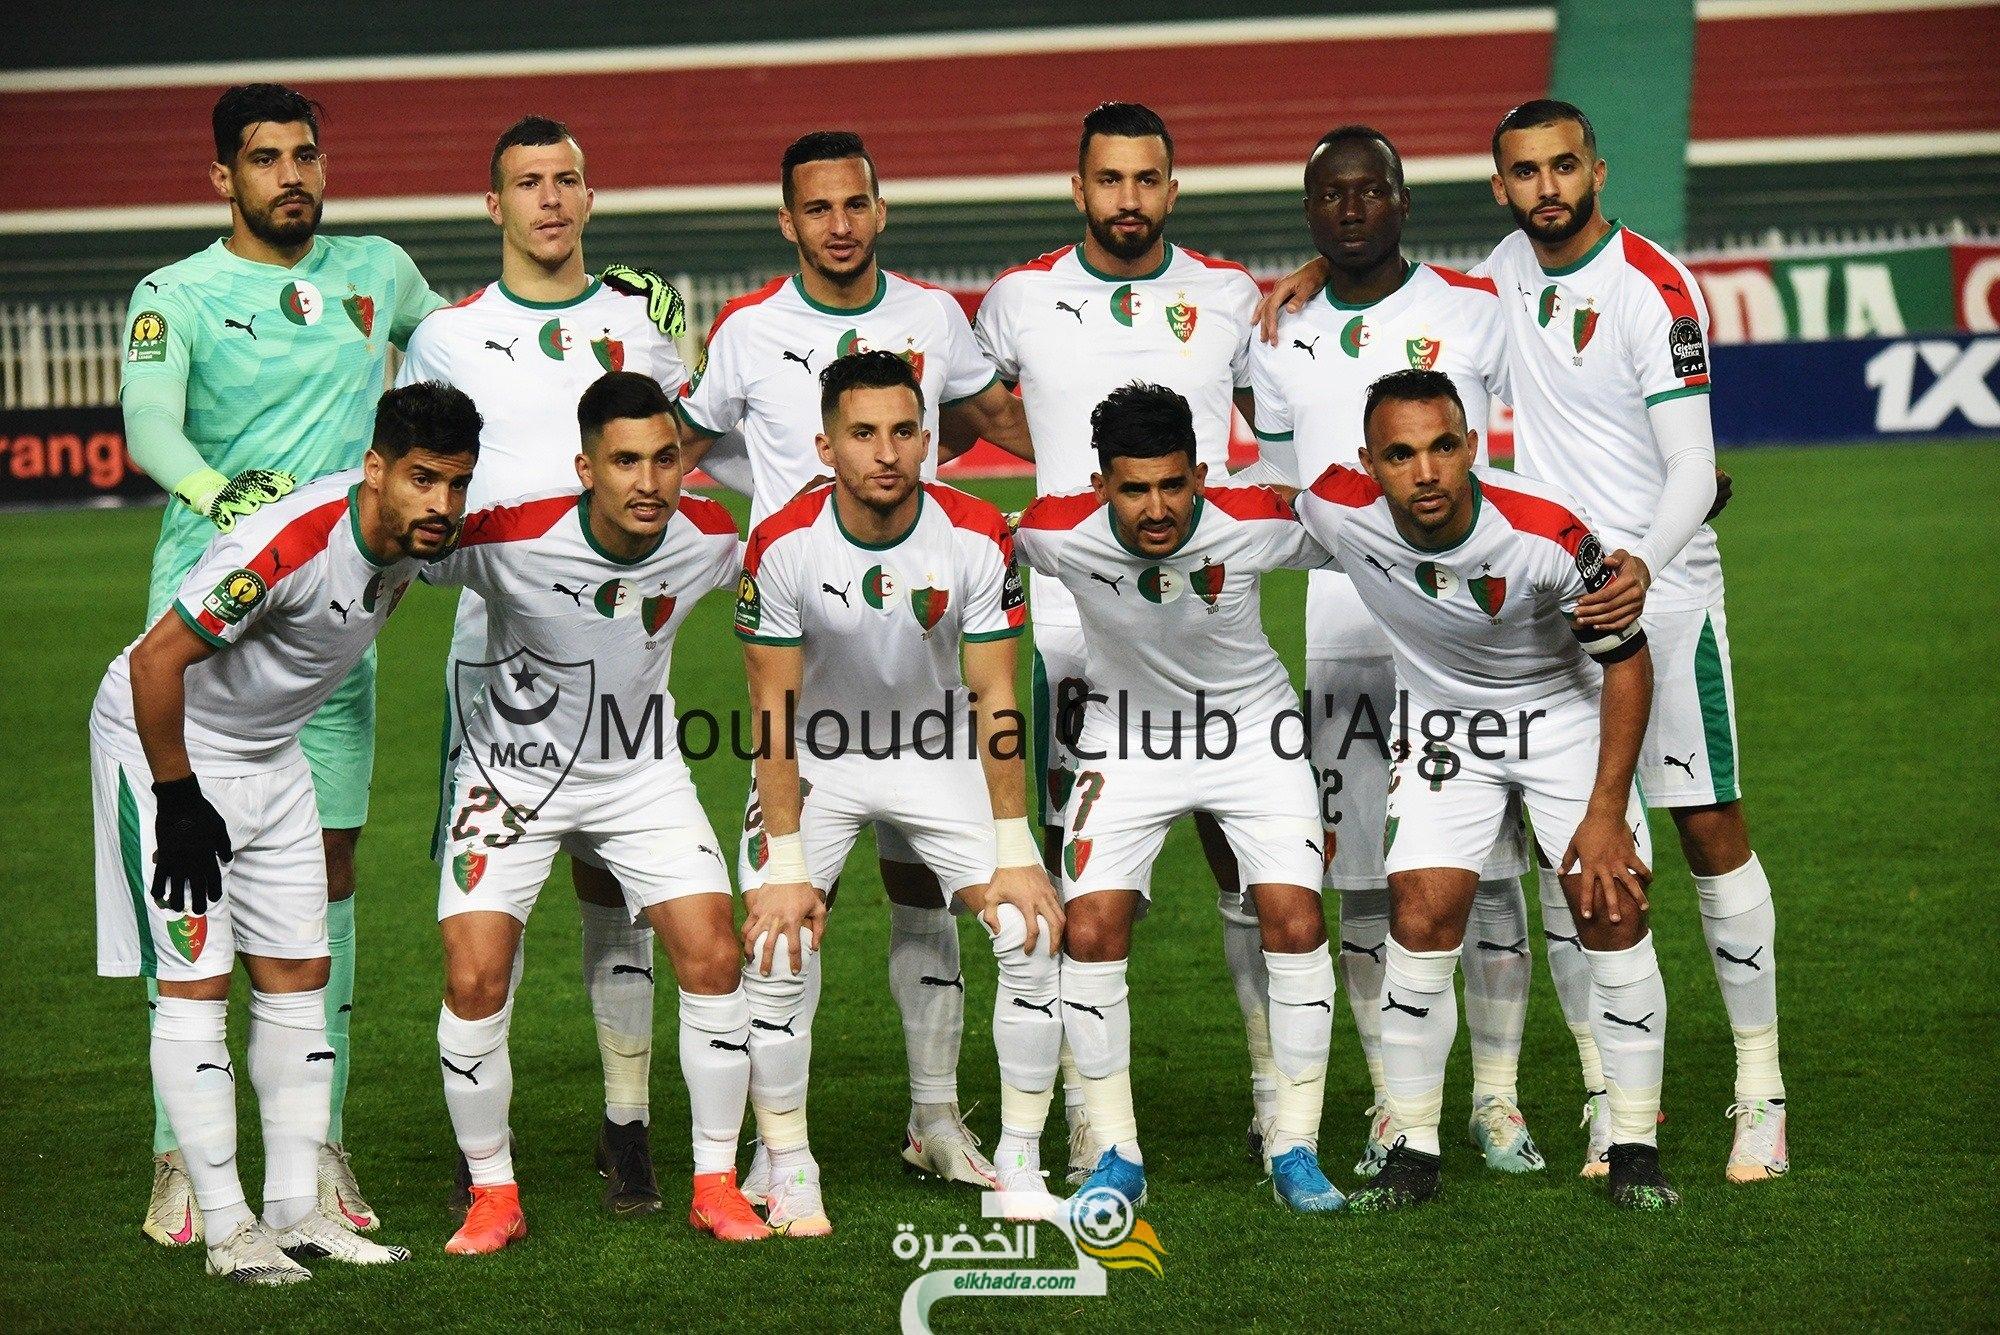 مولودية الجزائر تكتفى بالتعادل أمام الترجي بدوري الابطال 23